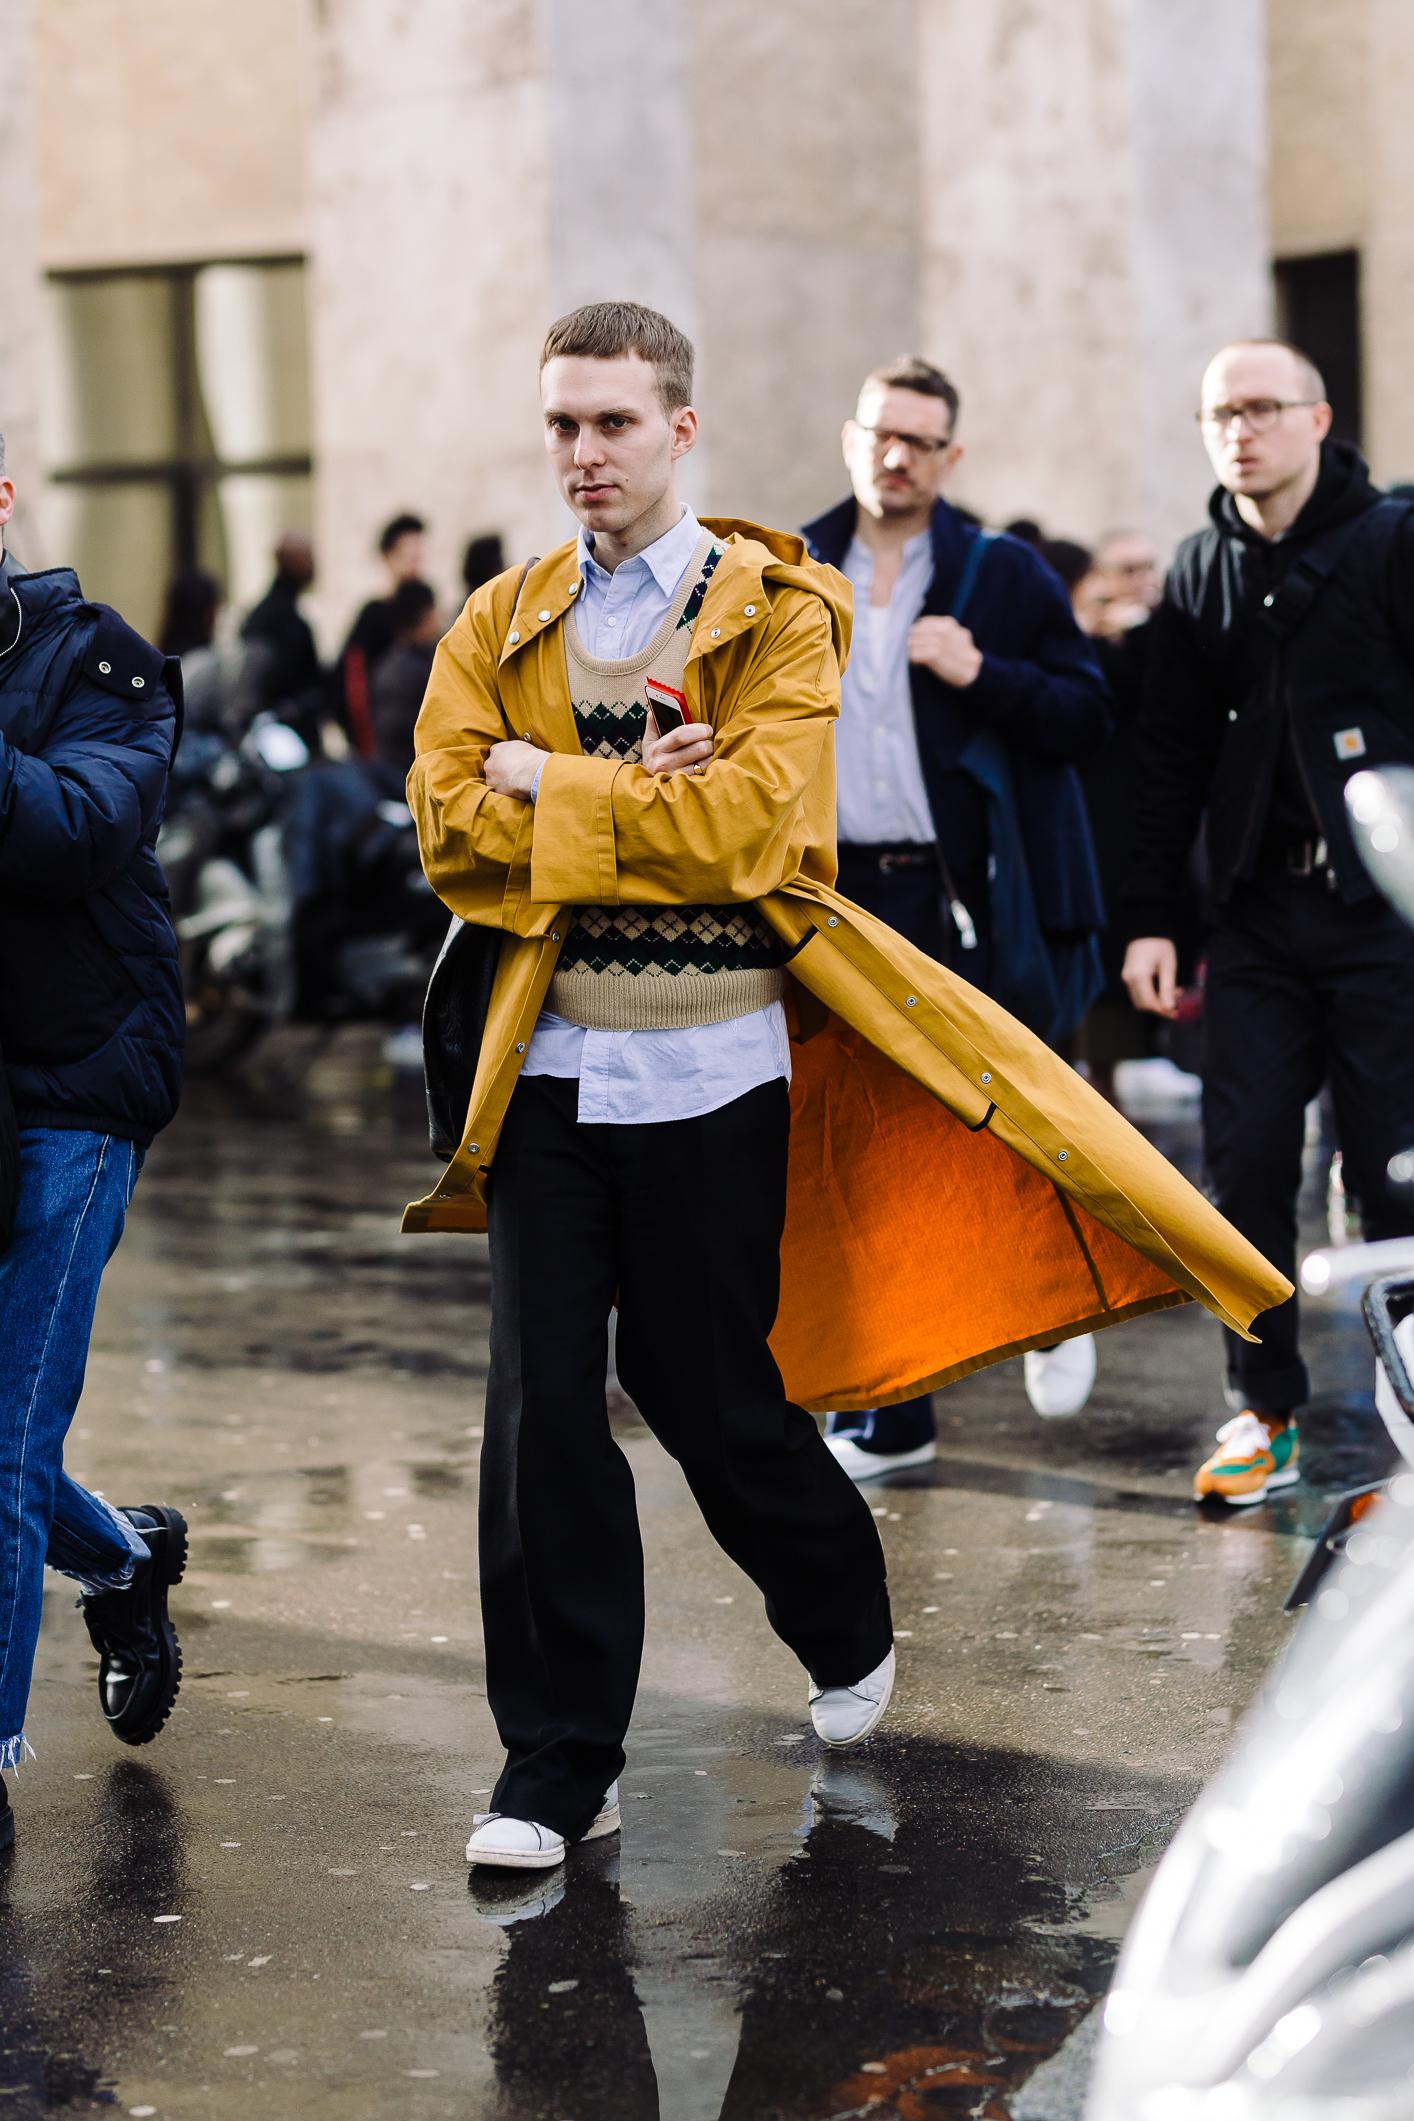 Aó khoác trench coat màu vàng đậm bên ngoài kết hợp áo len và sơ mi xanh nhạt bên trong, tạo nên những mảng màu tươi sáng cho những ngày mưa ảm đạm ở Paris